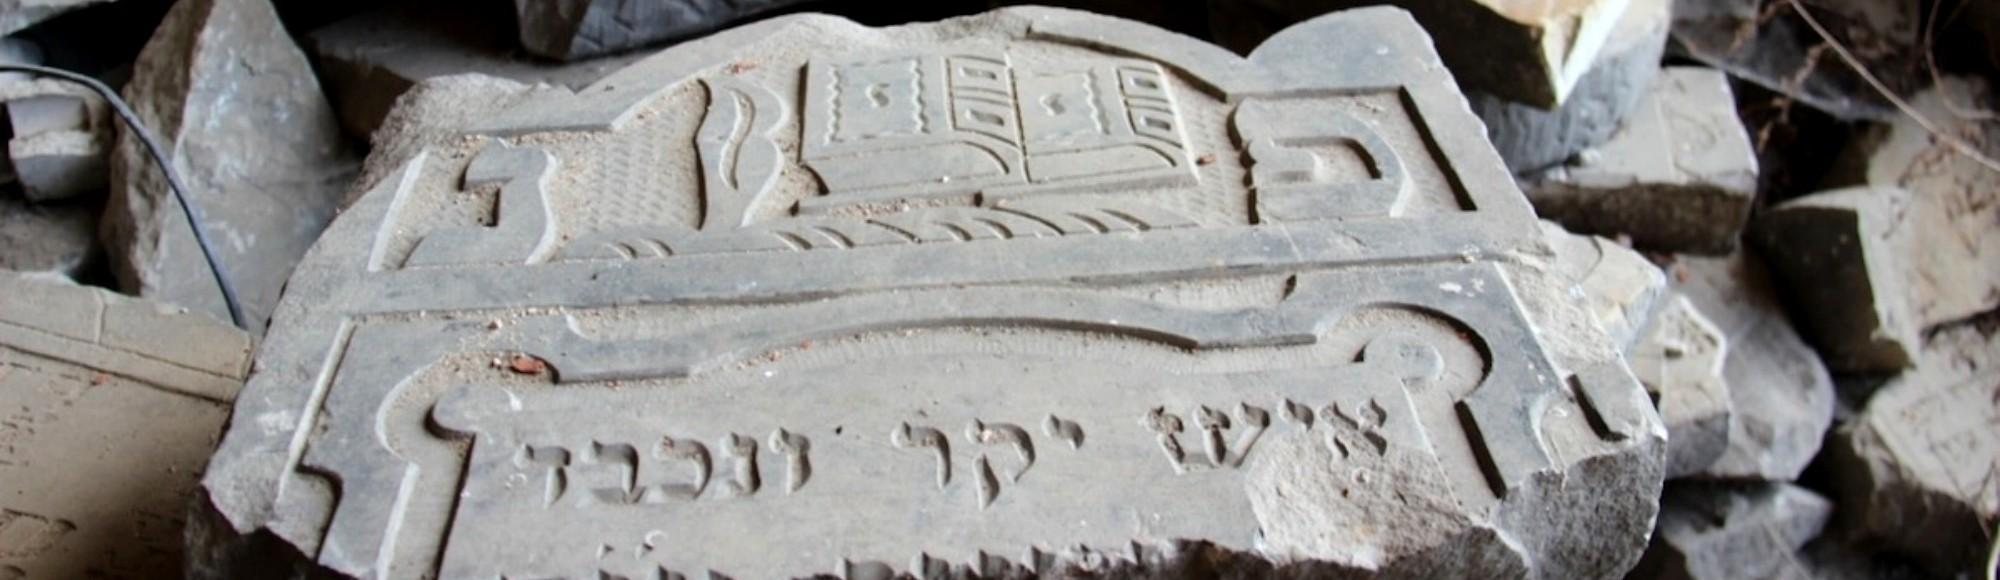 Η Πόλη που Είναι Χτισμένη με Εβραϊκές Ταφόπλακες